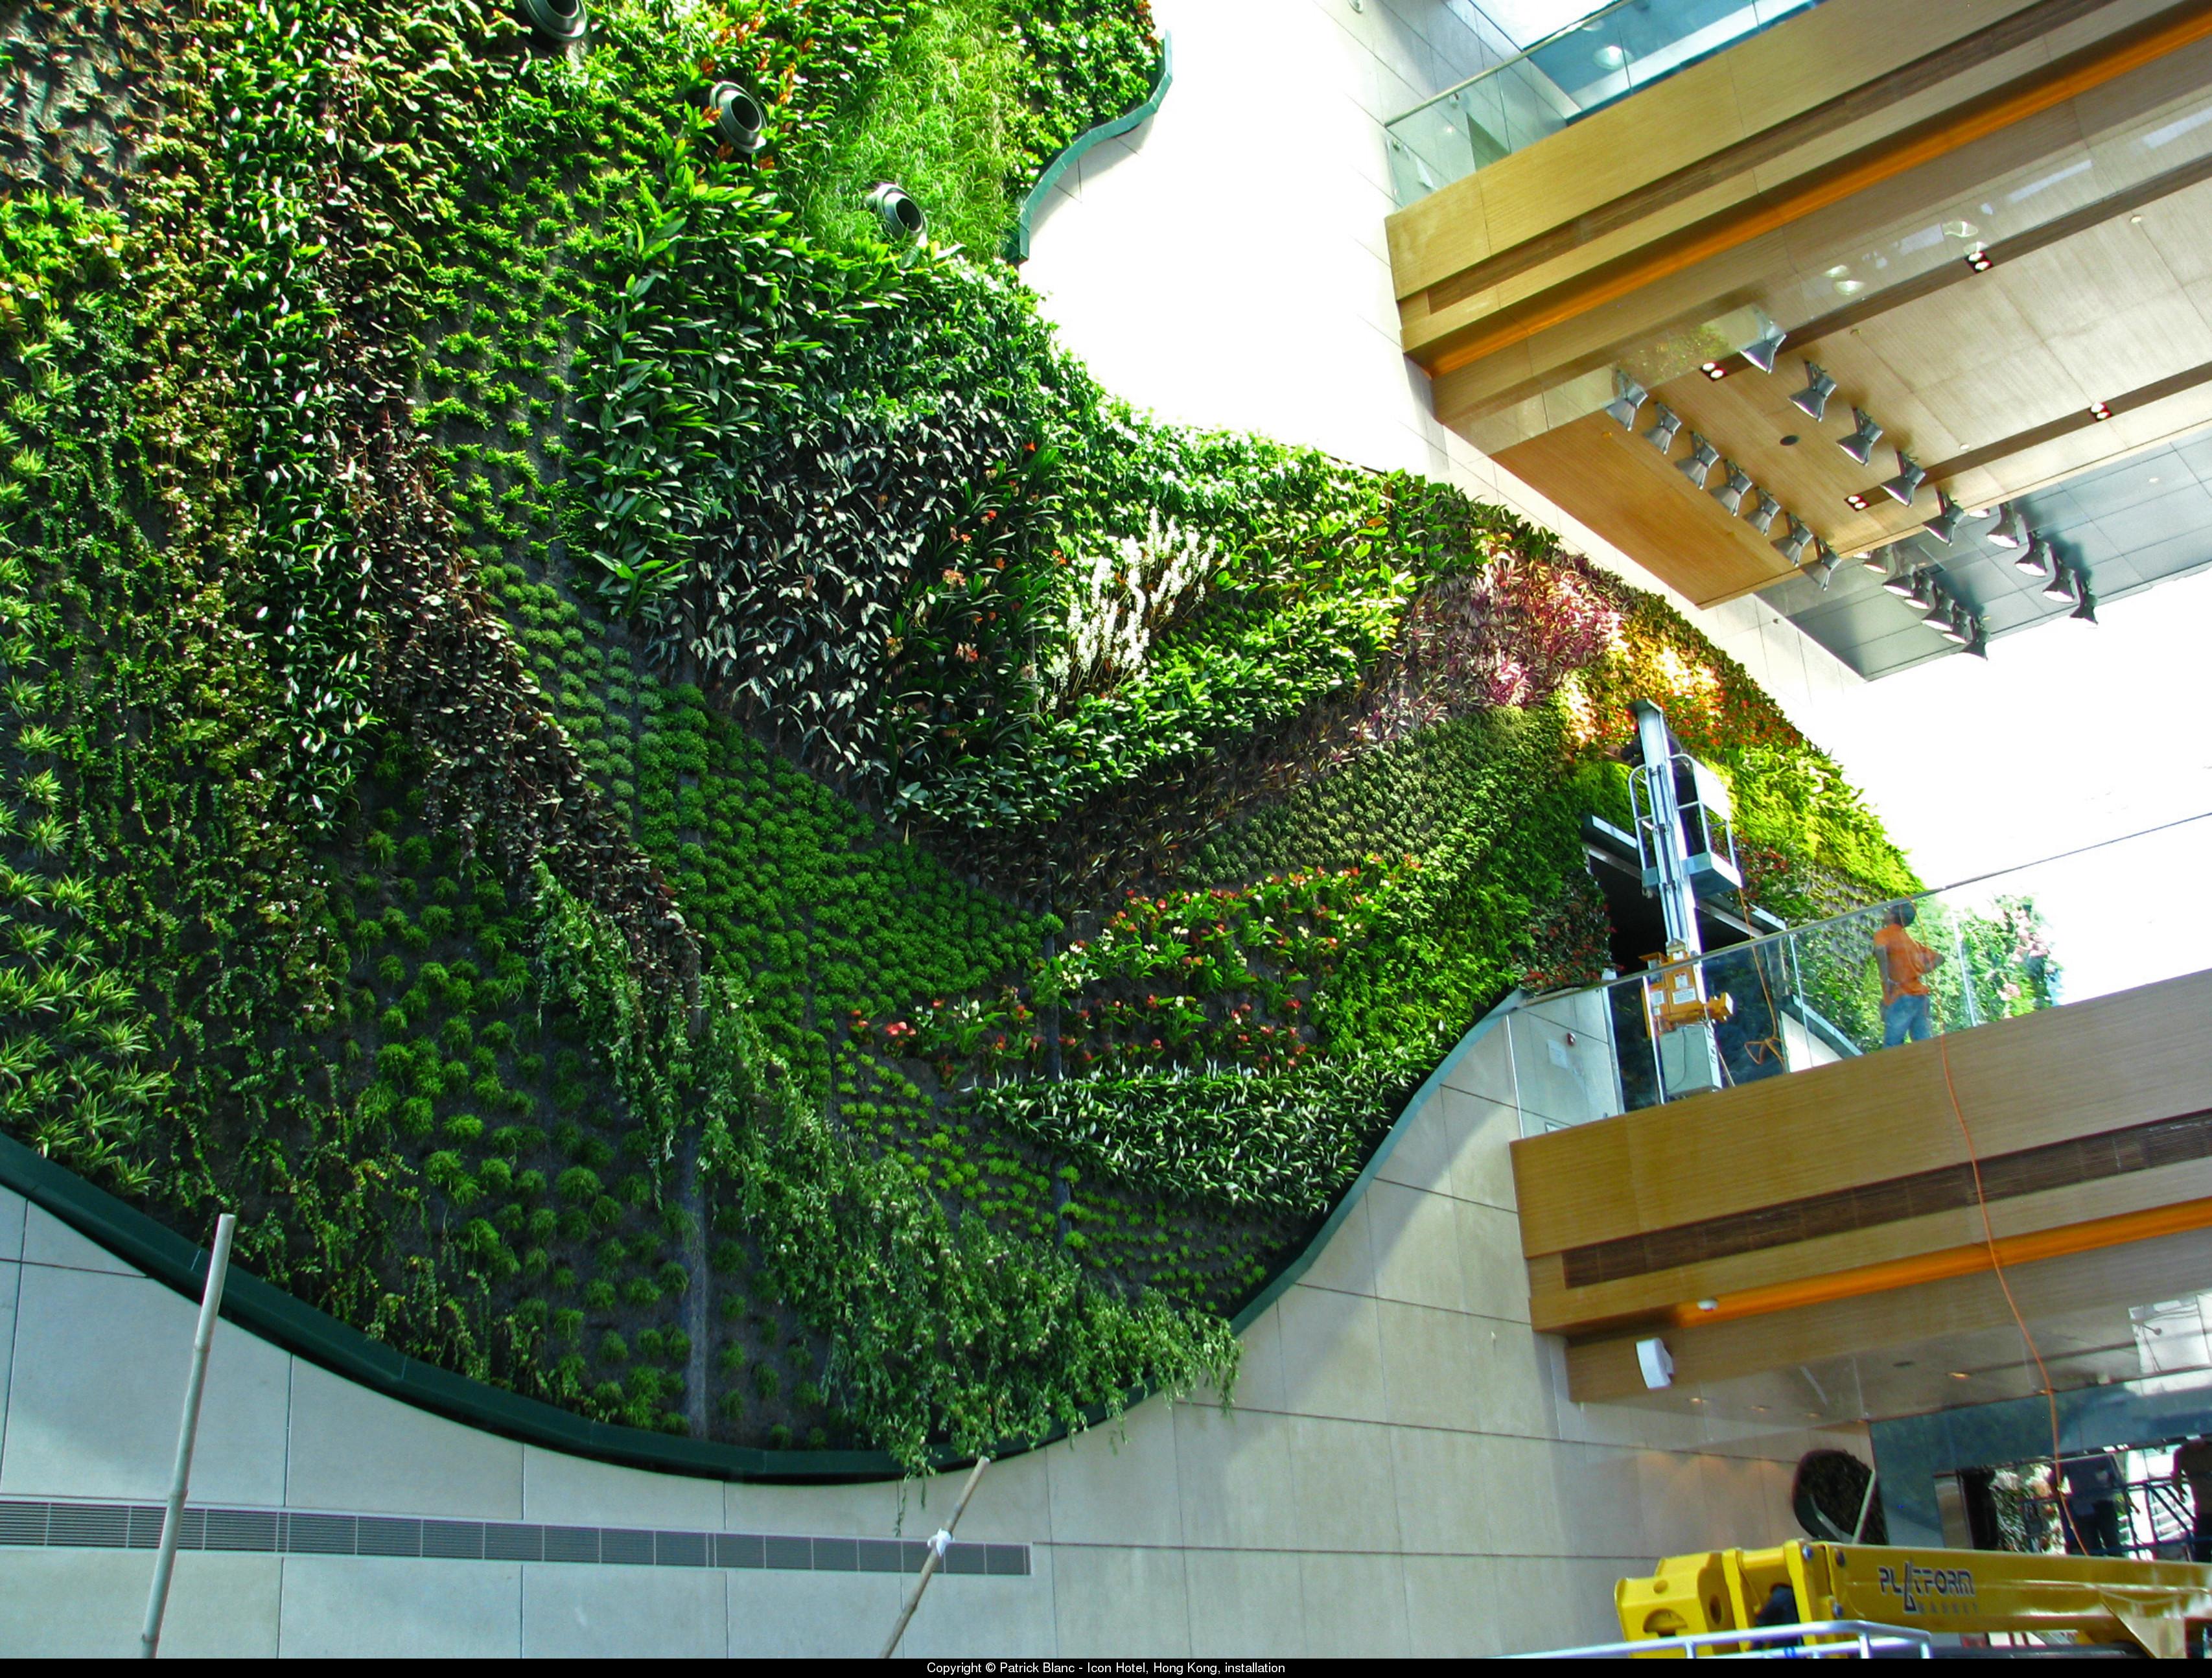 Patrick blanc jardines verticales aryse - Como hacer un muro verde ...